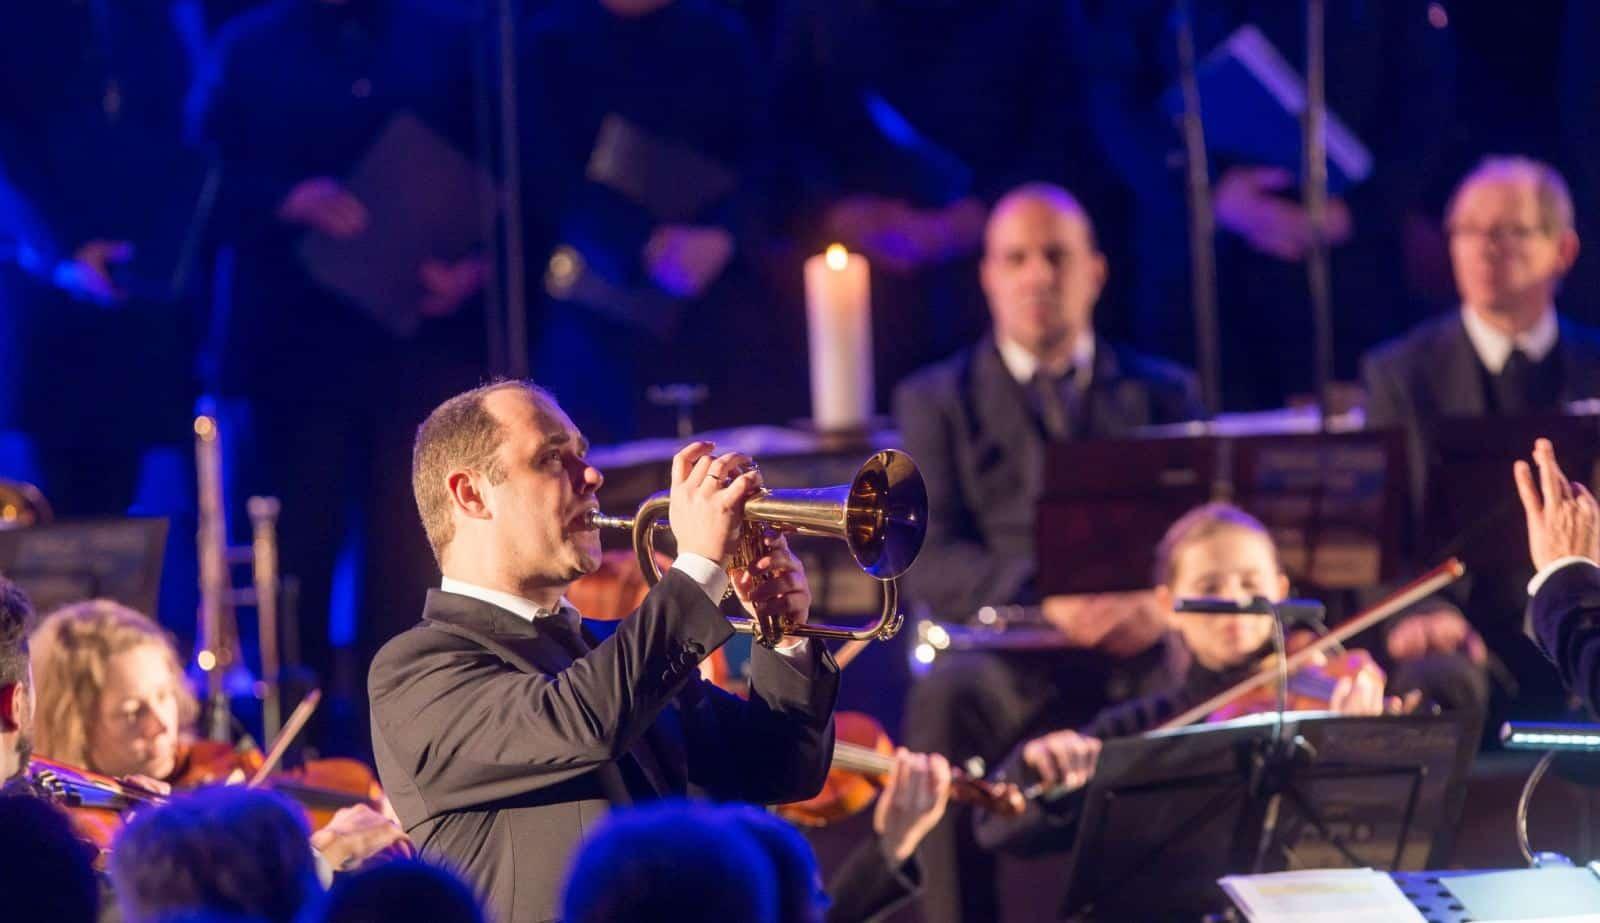 ADESTE FIDELES – das festliche Konzert zur Advents- und Weihnachtszeit